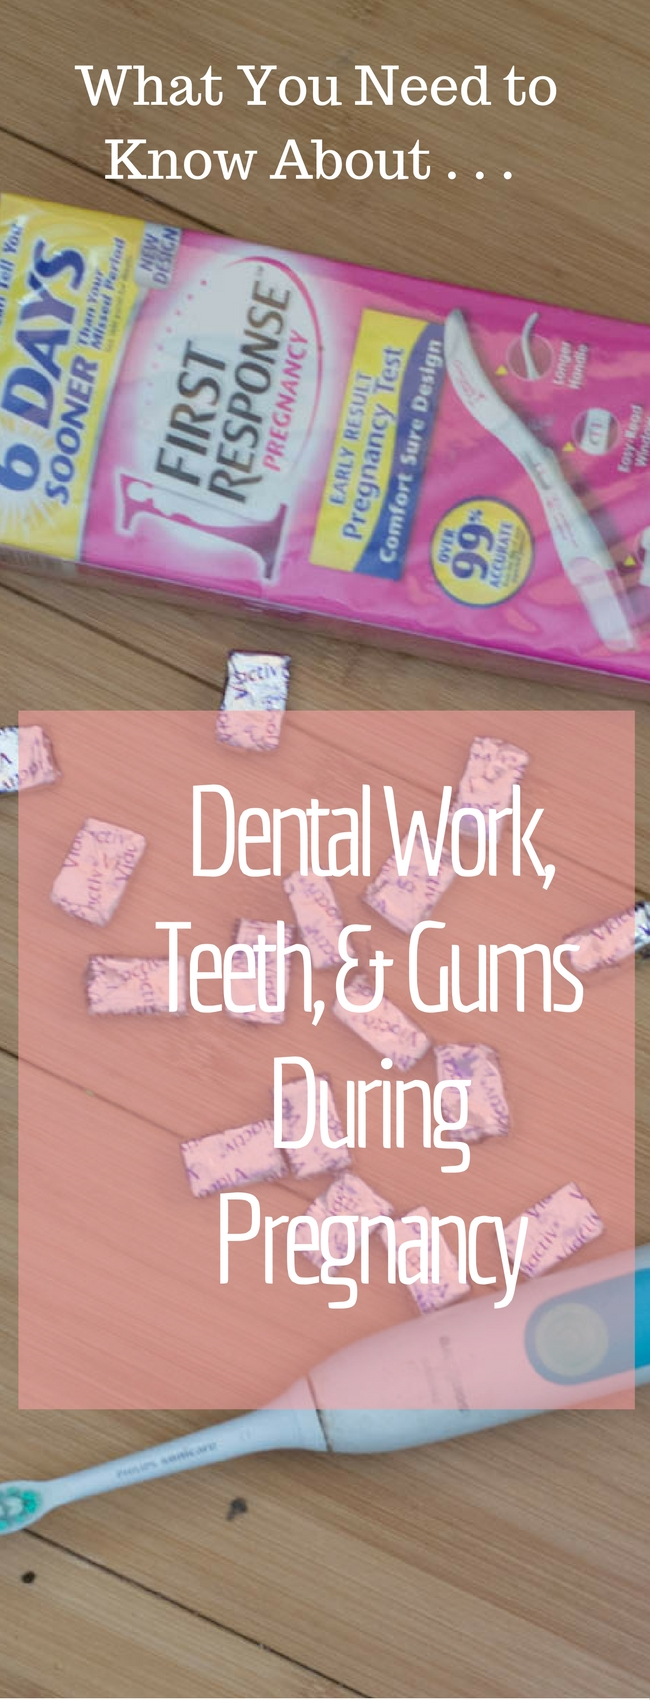 pregnancy-teeth-gums-and-dental-work